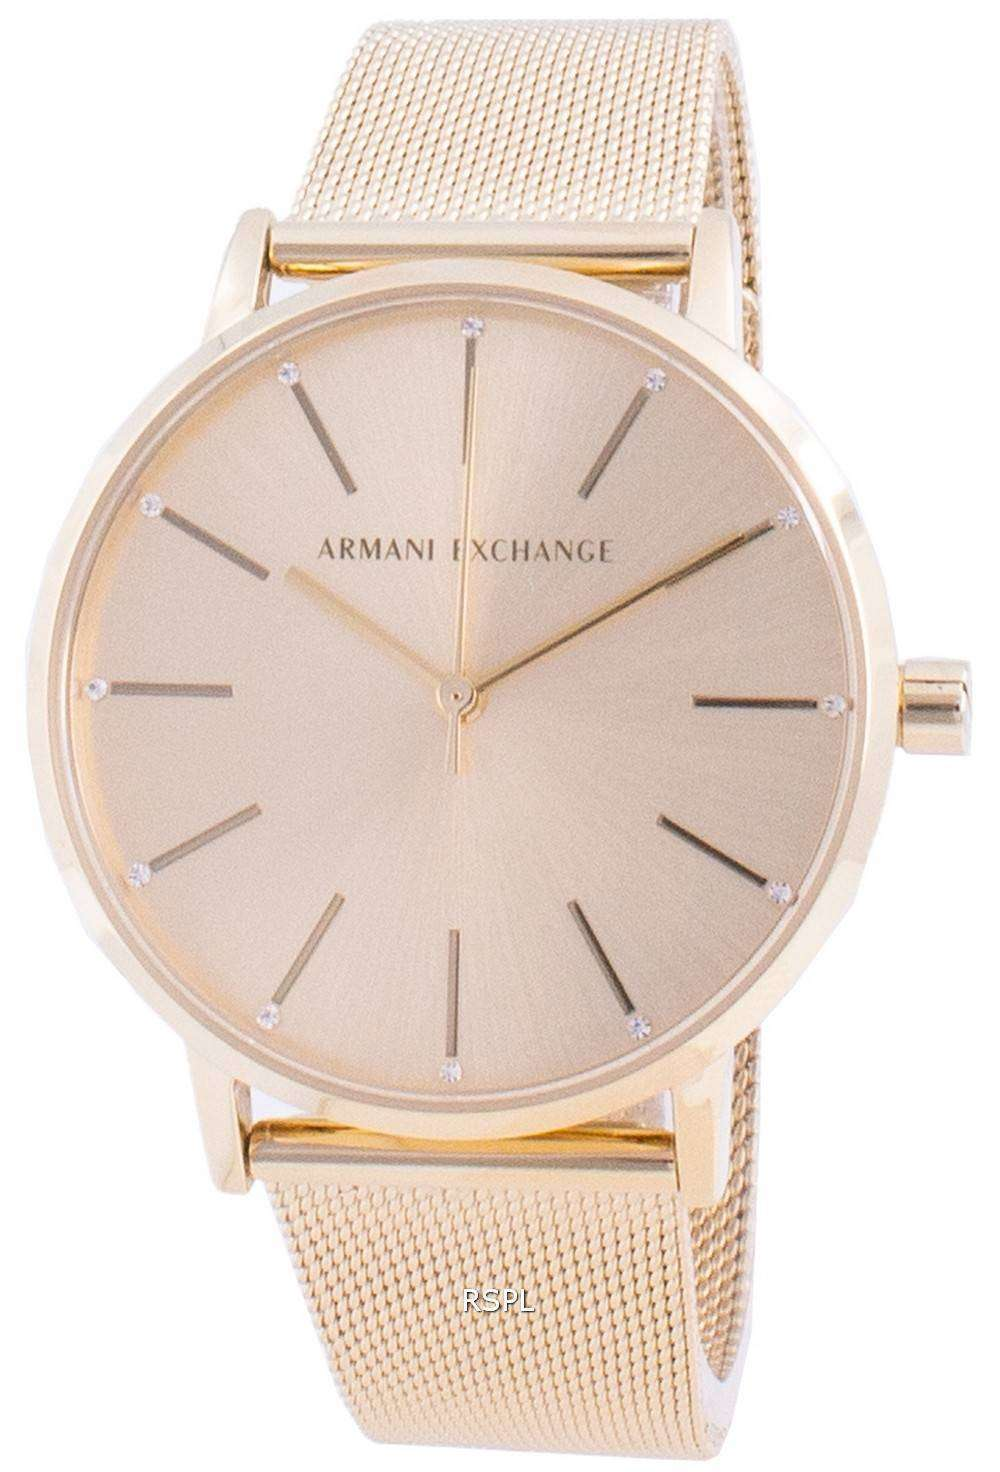 Armani Exchange Lola AX5536 Reloj de cuarzo para mujer